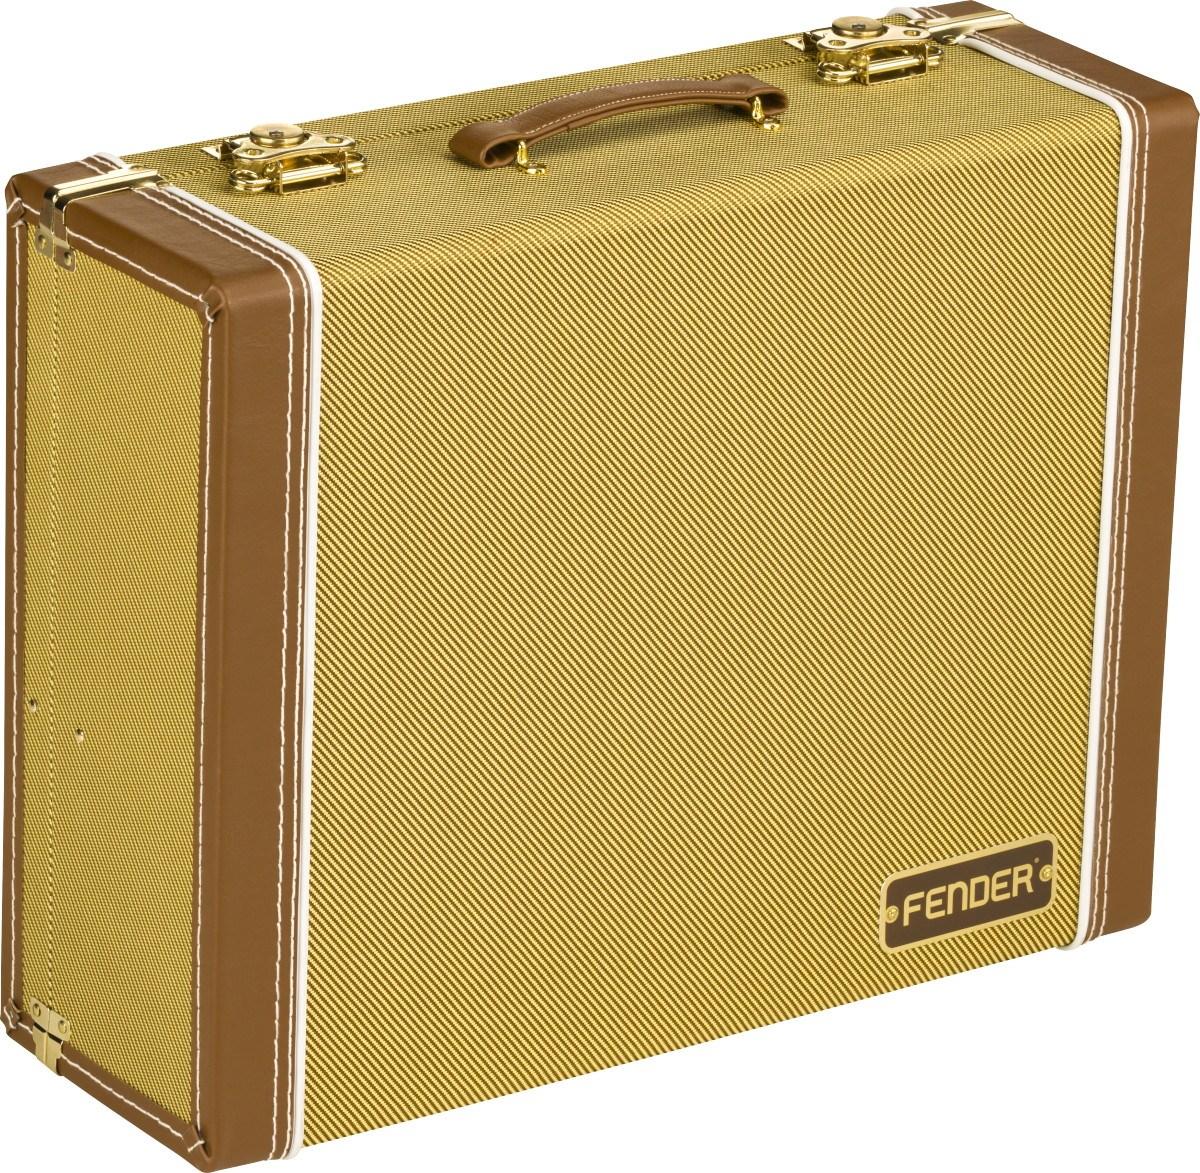 アクセサリー・パーツ, エフェクターケース Fender Tweed Pedalboard Case Small